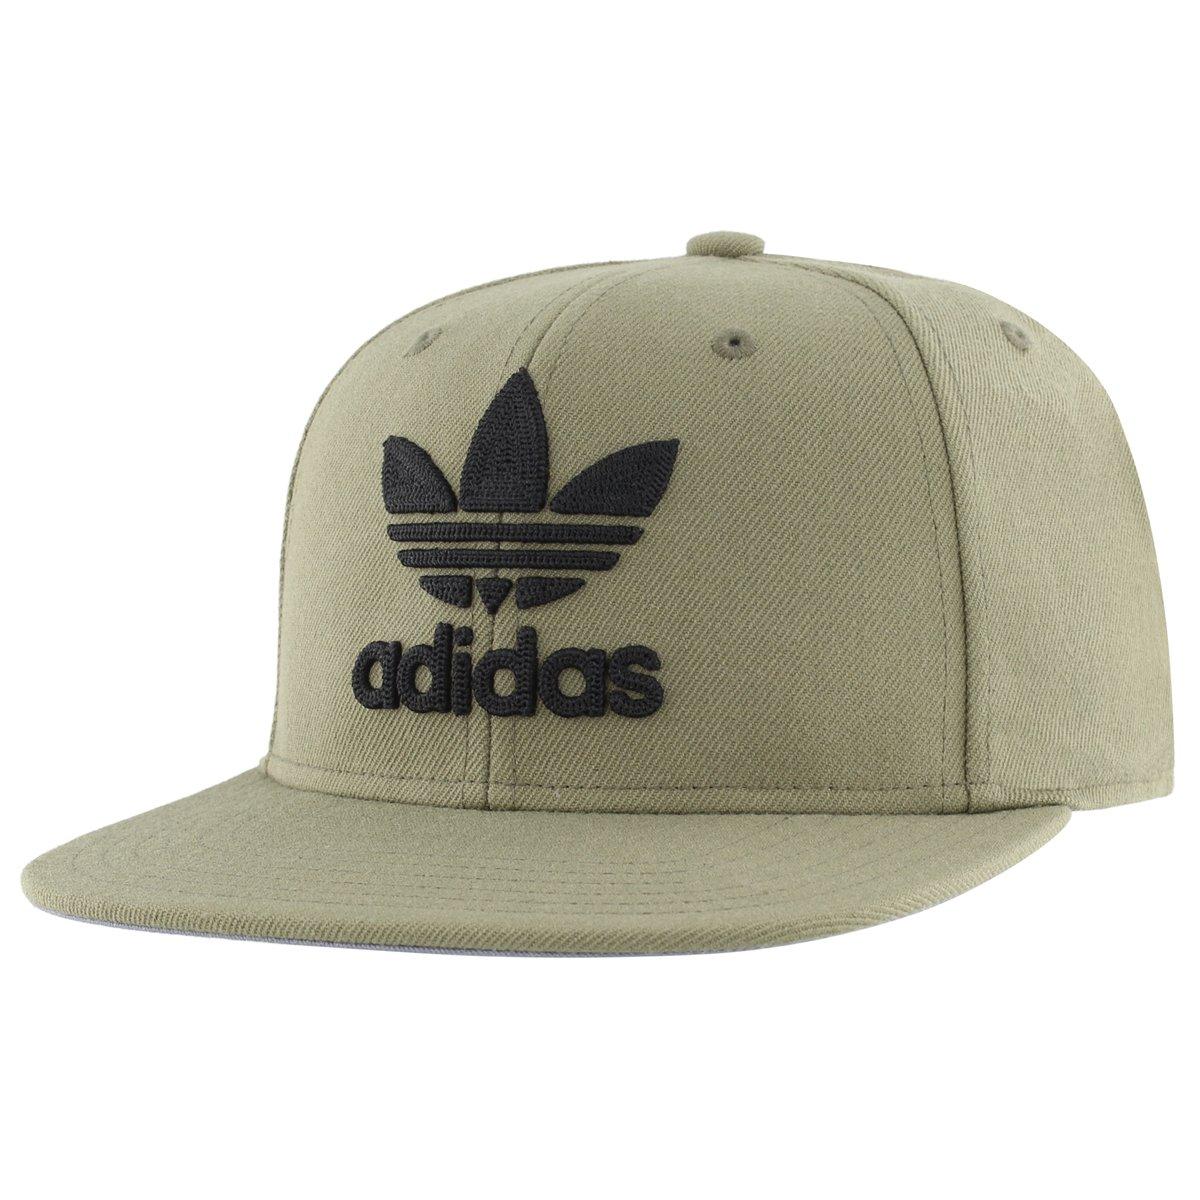 5e028de060a Galleon - Adidas Men s Originals Trefoil Chain Snapback Cap